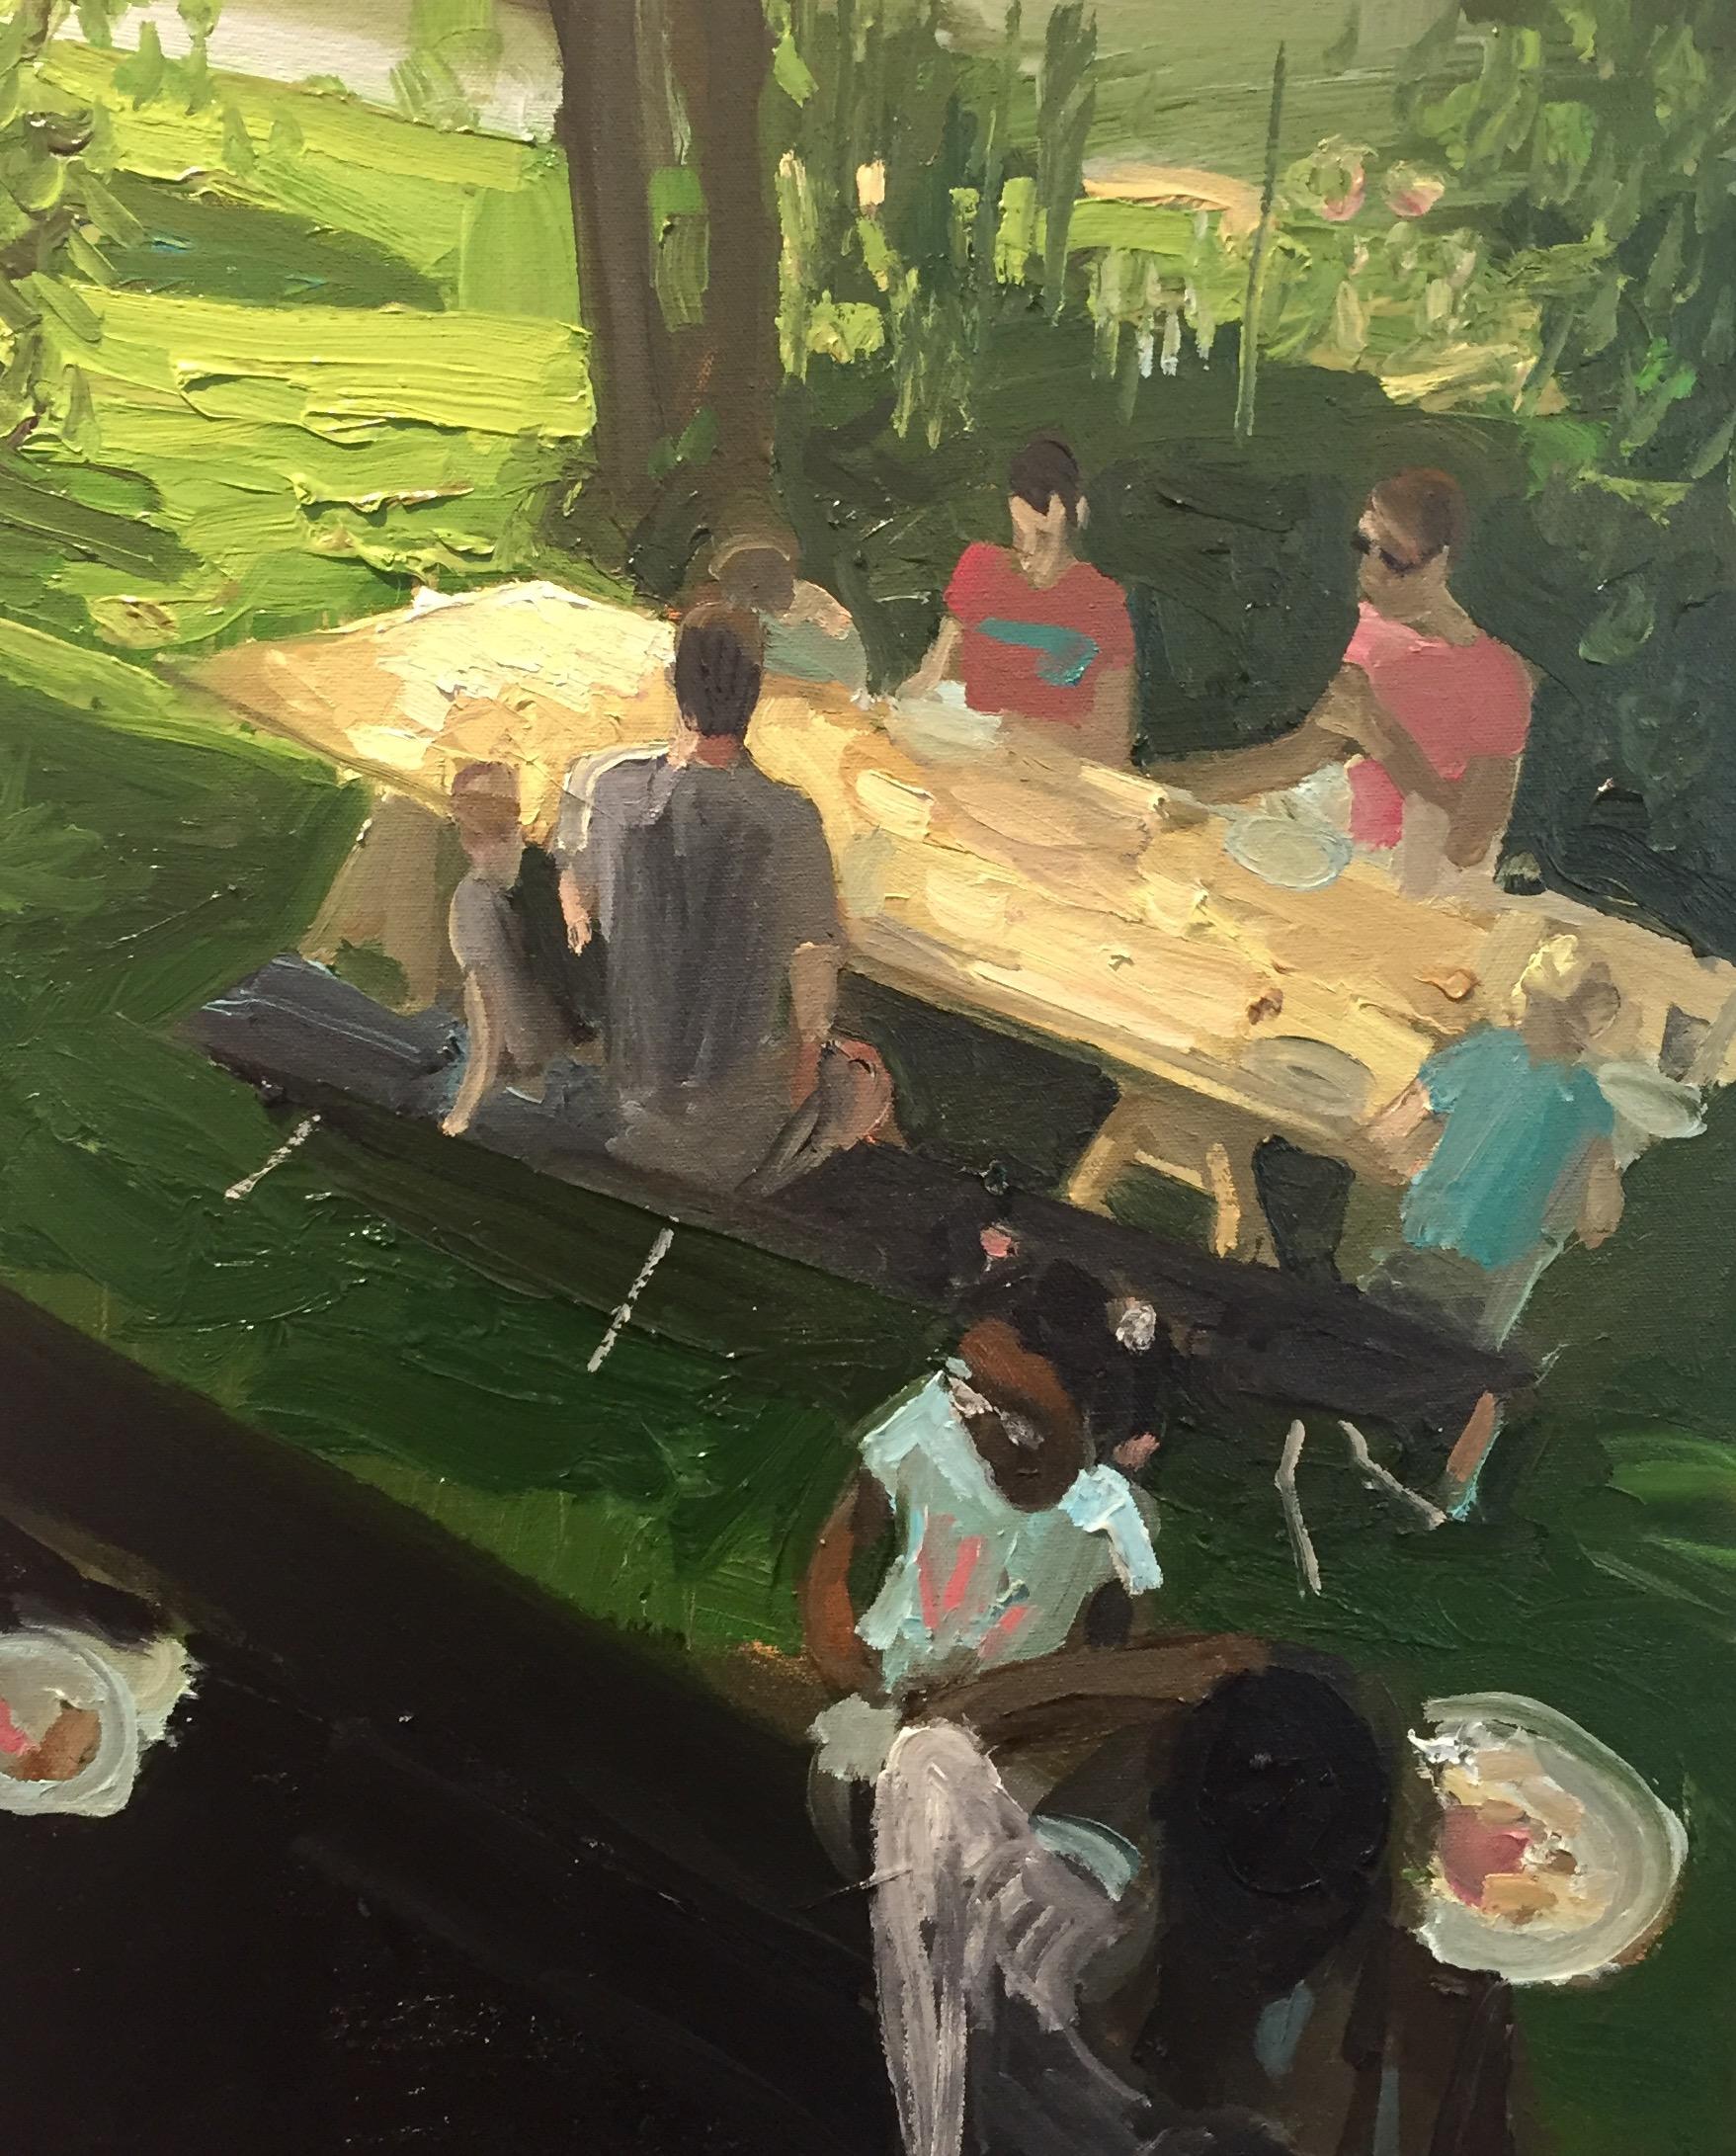 Neighbors share dinner outside on a new, handmade table